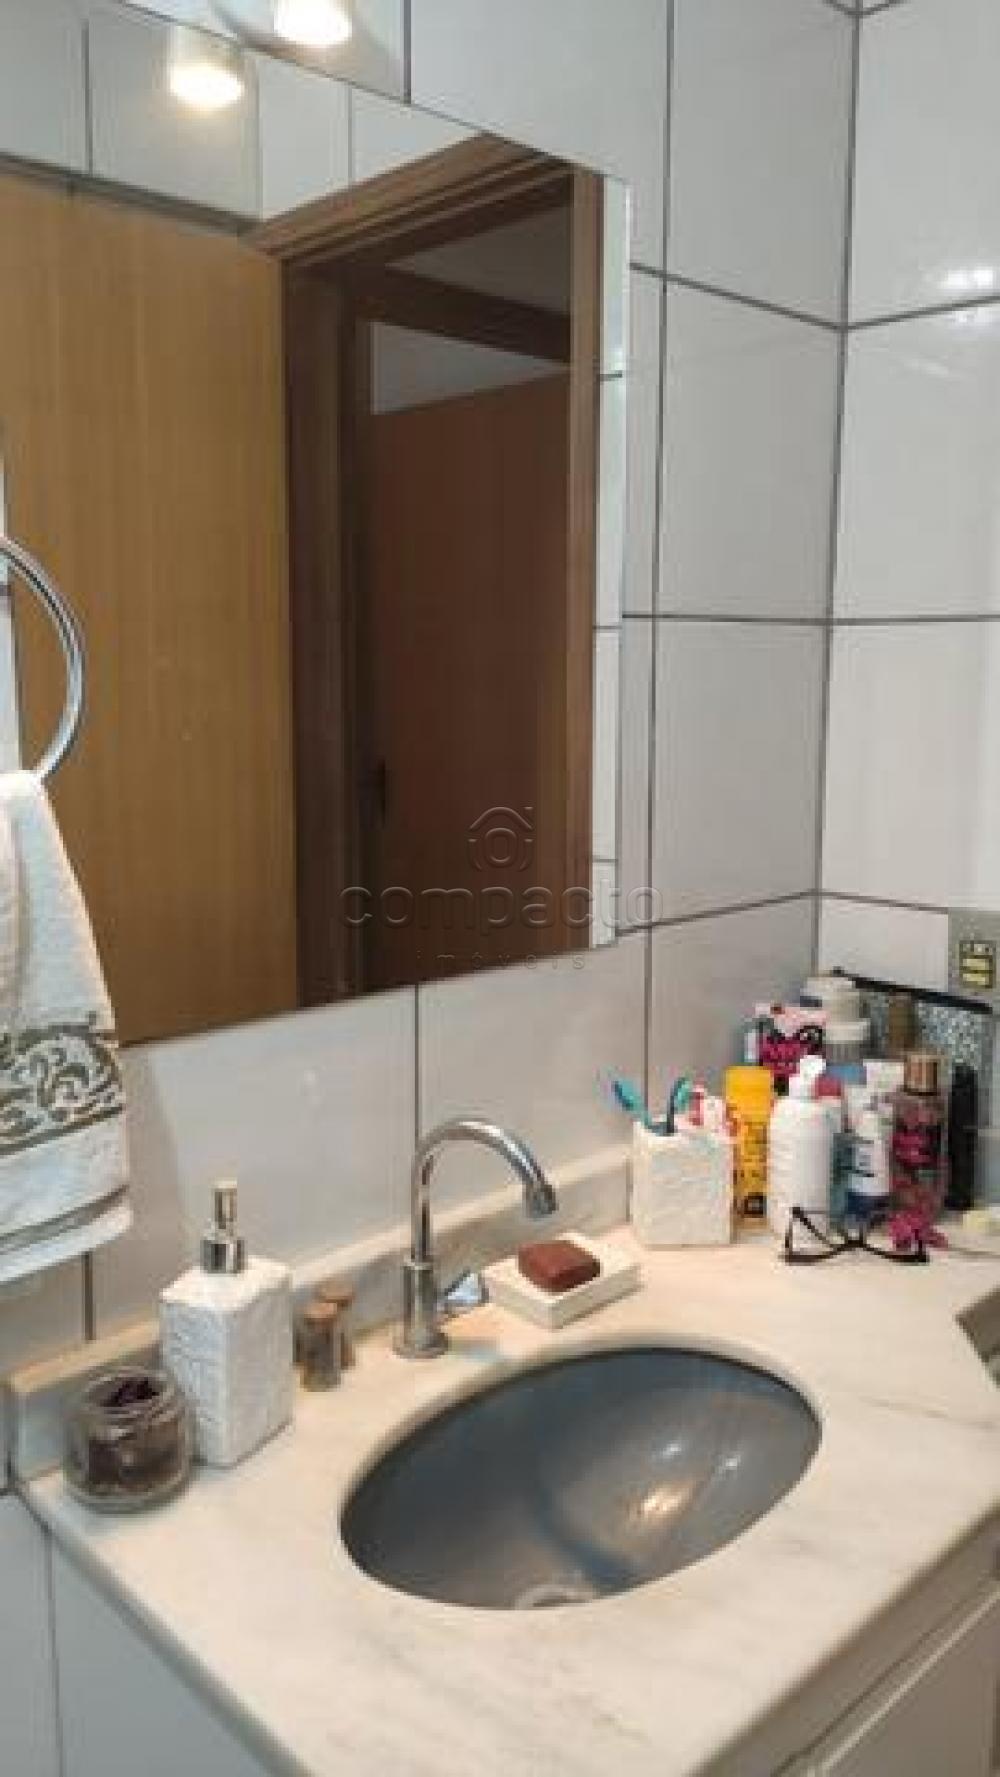 Comprar Apartamento / Padrão em São José do Rio Preto apenas R$ 170.000,00 - Foto 8